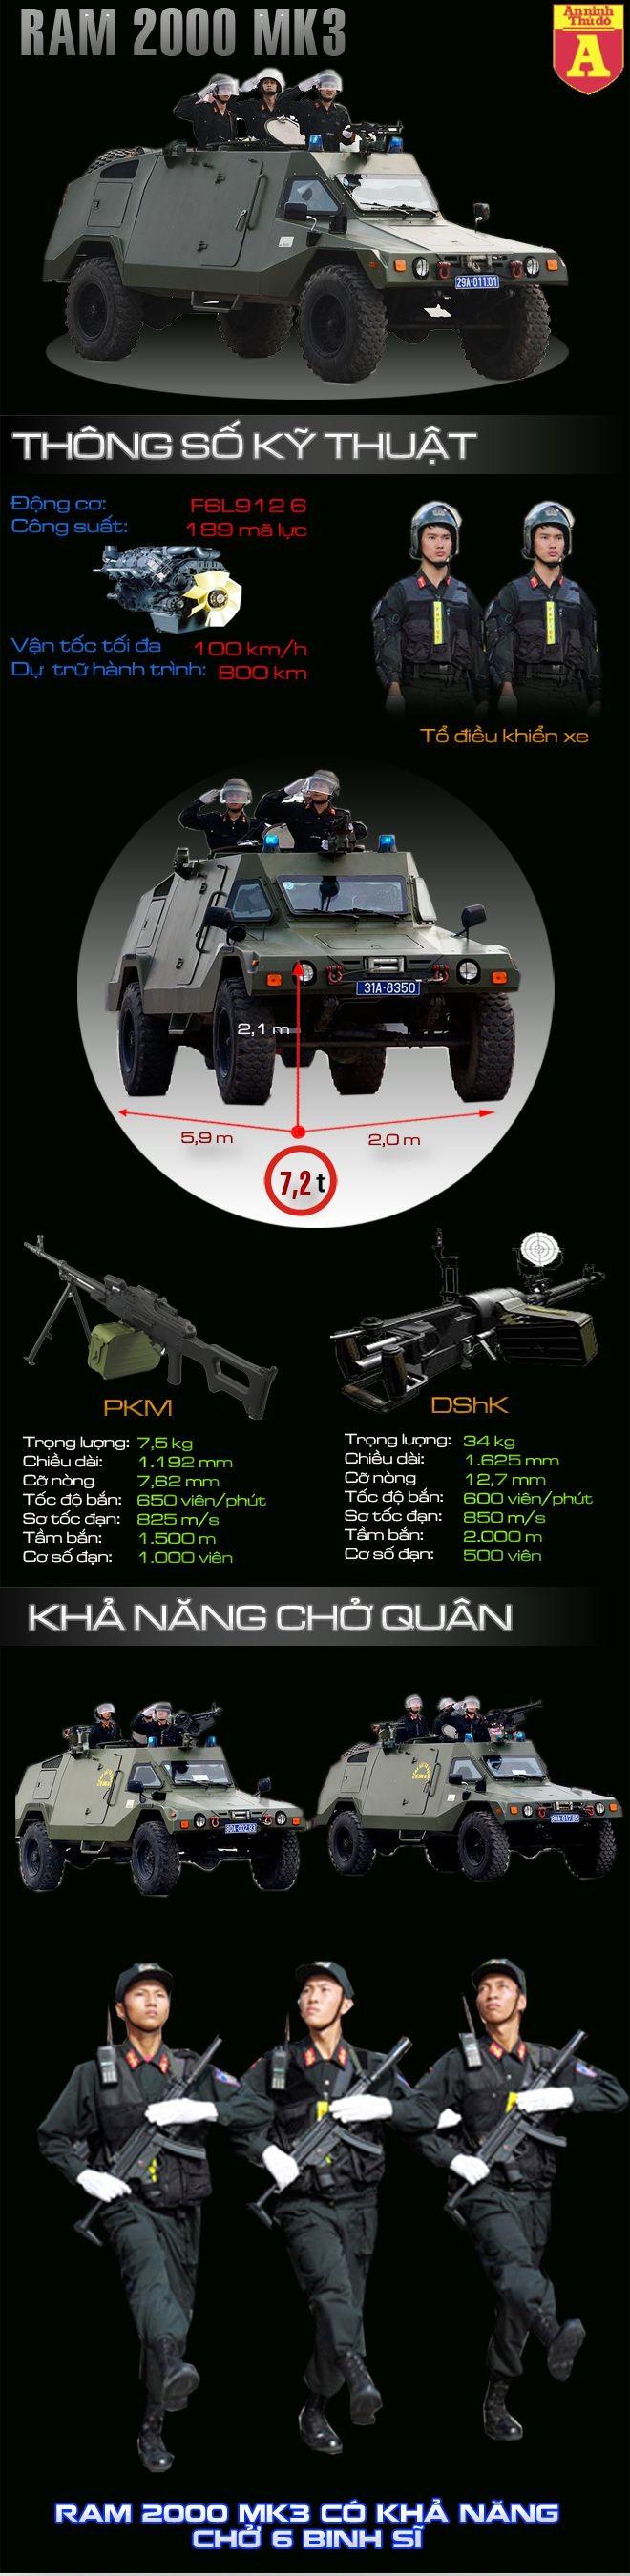 [Infographic] Xe thiết giáp RAM MK3 hiện đại của Cảnh sát cơ động Việt Nam